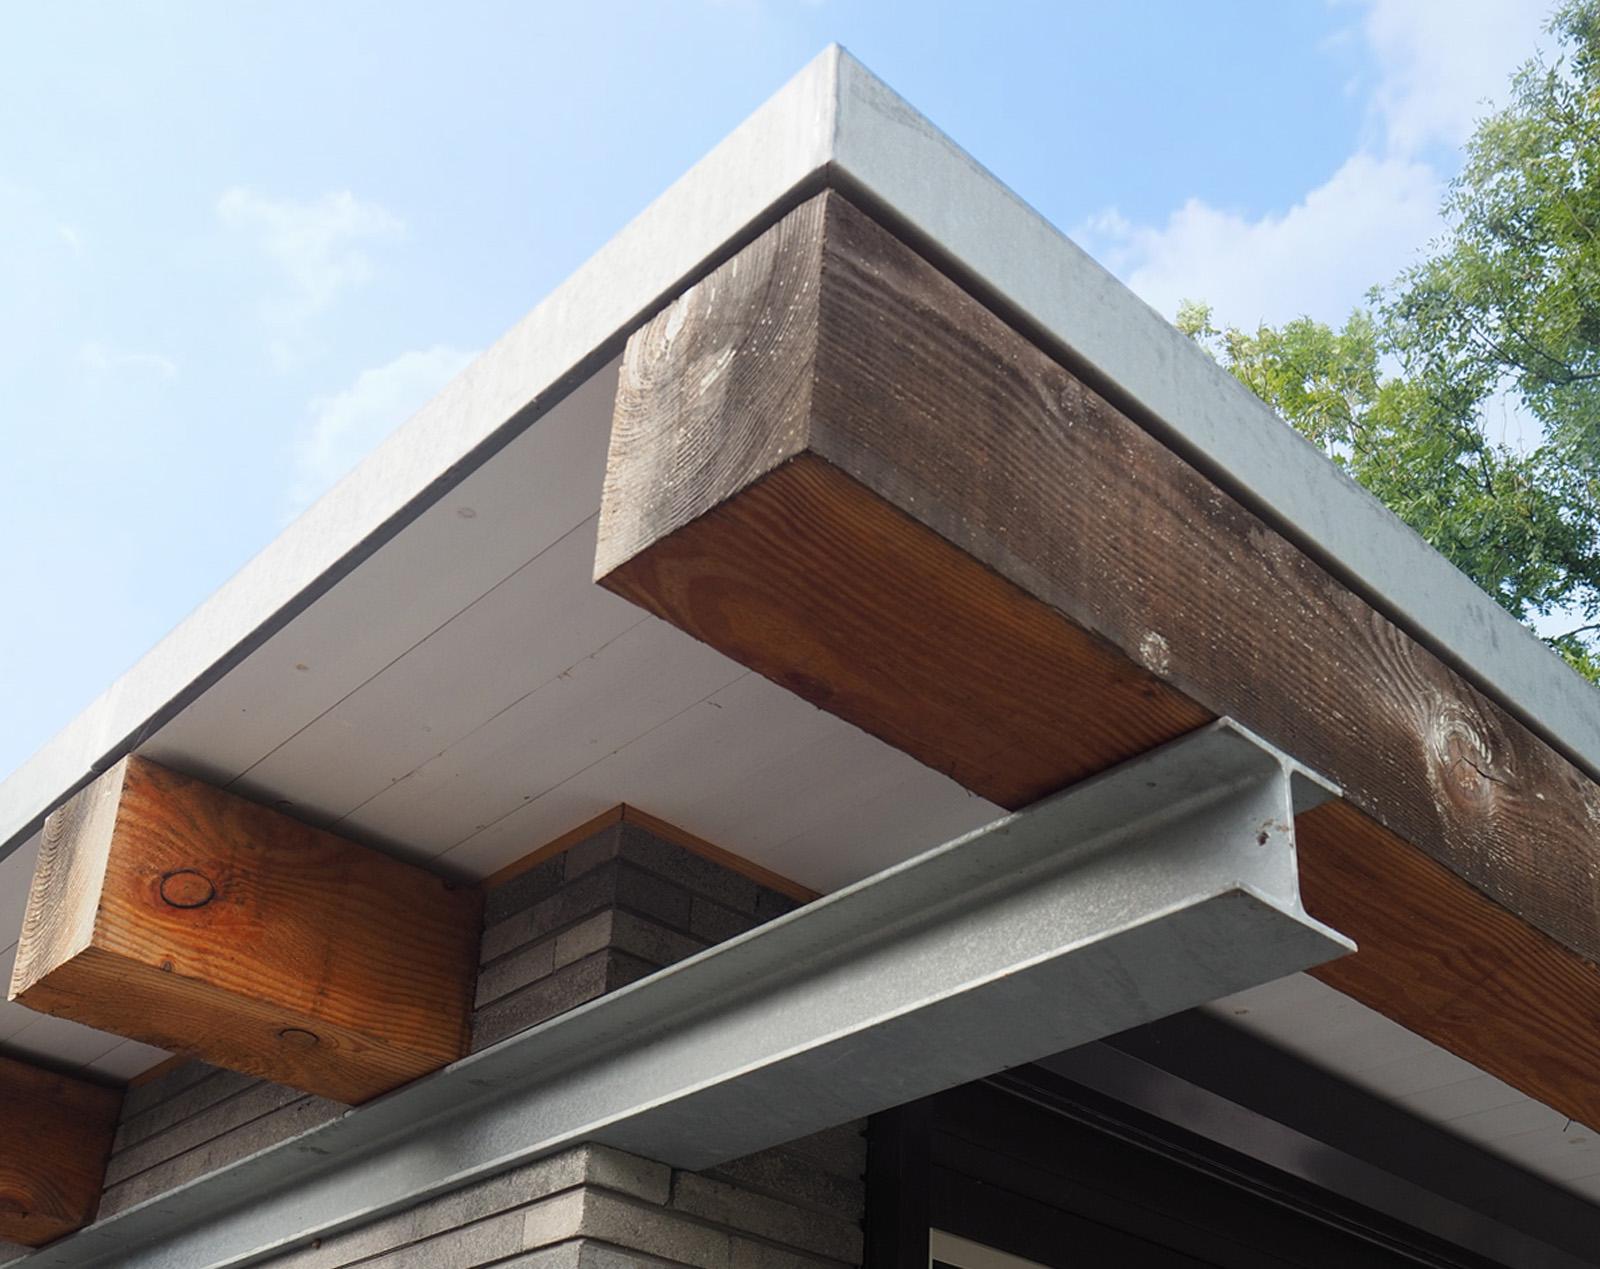 limmen_jeroendenijs_bni_architect_interior_achteraanzicht_detail_liggend